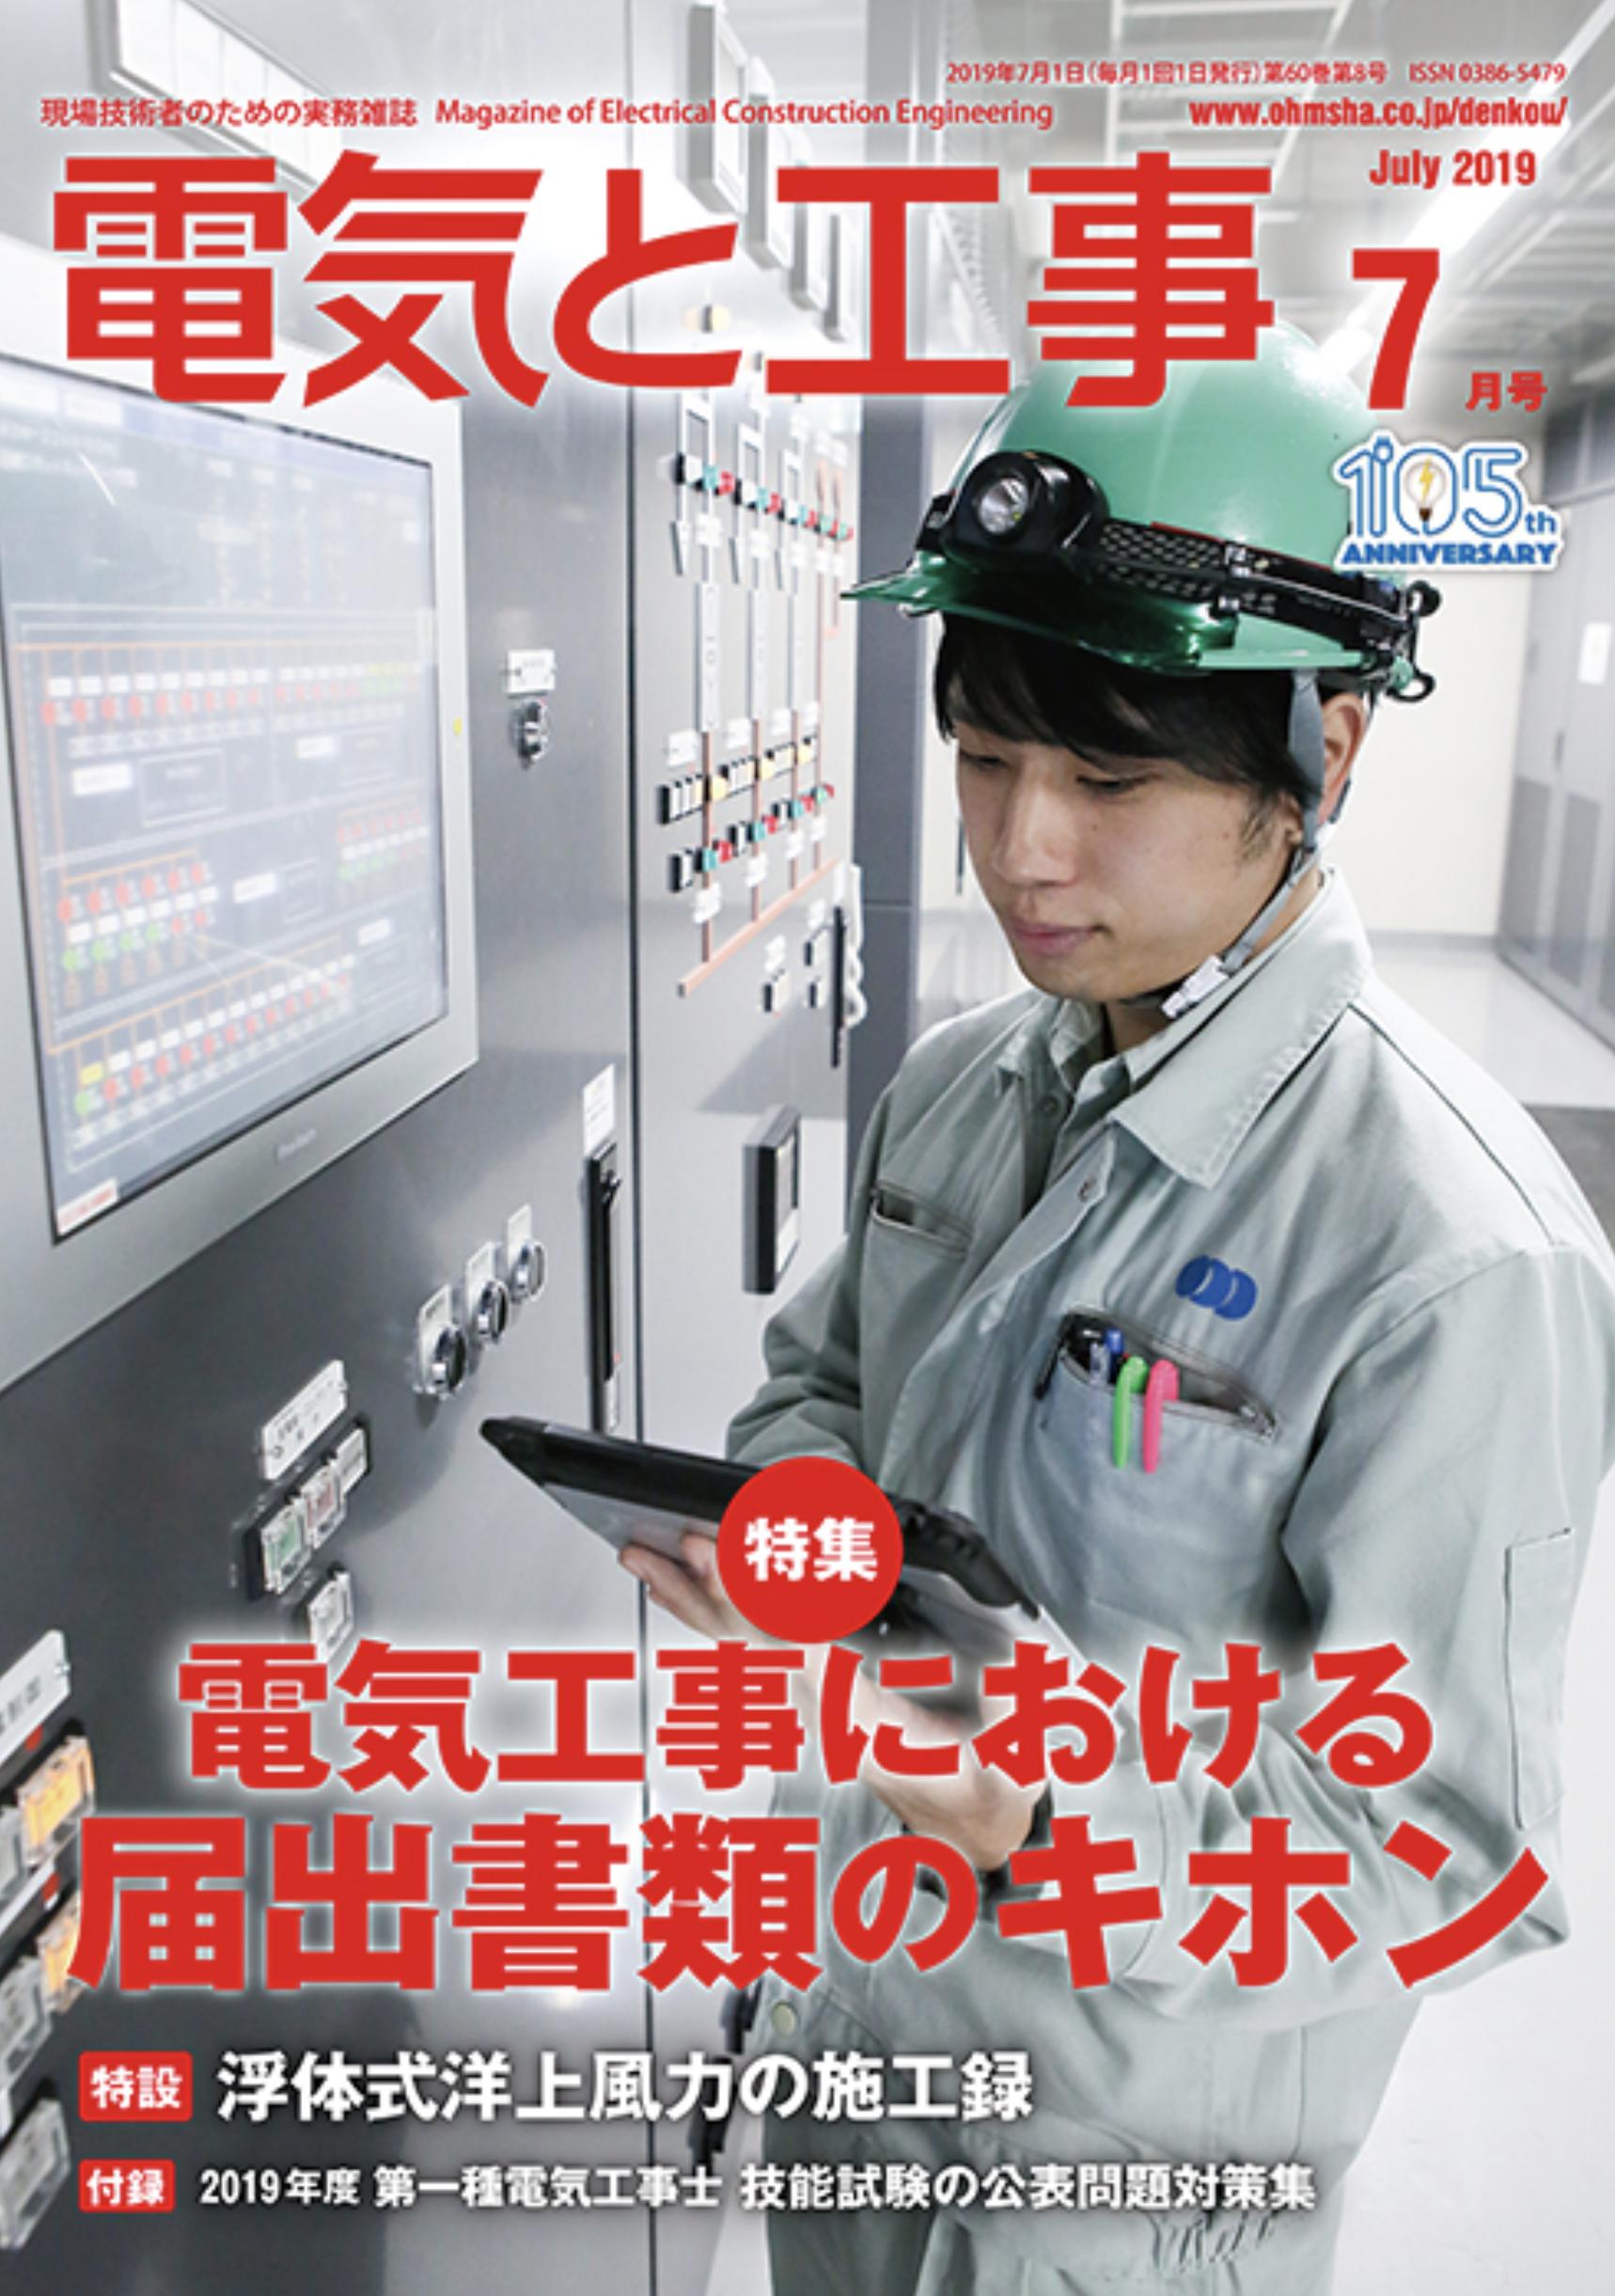 【新刊トピックス 2019年6月】電気と工事 2019年7月号 (第60巻第8号通巻789号)の画像